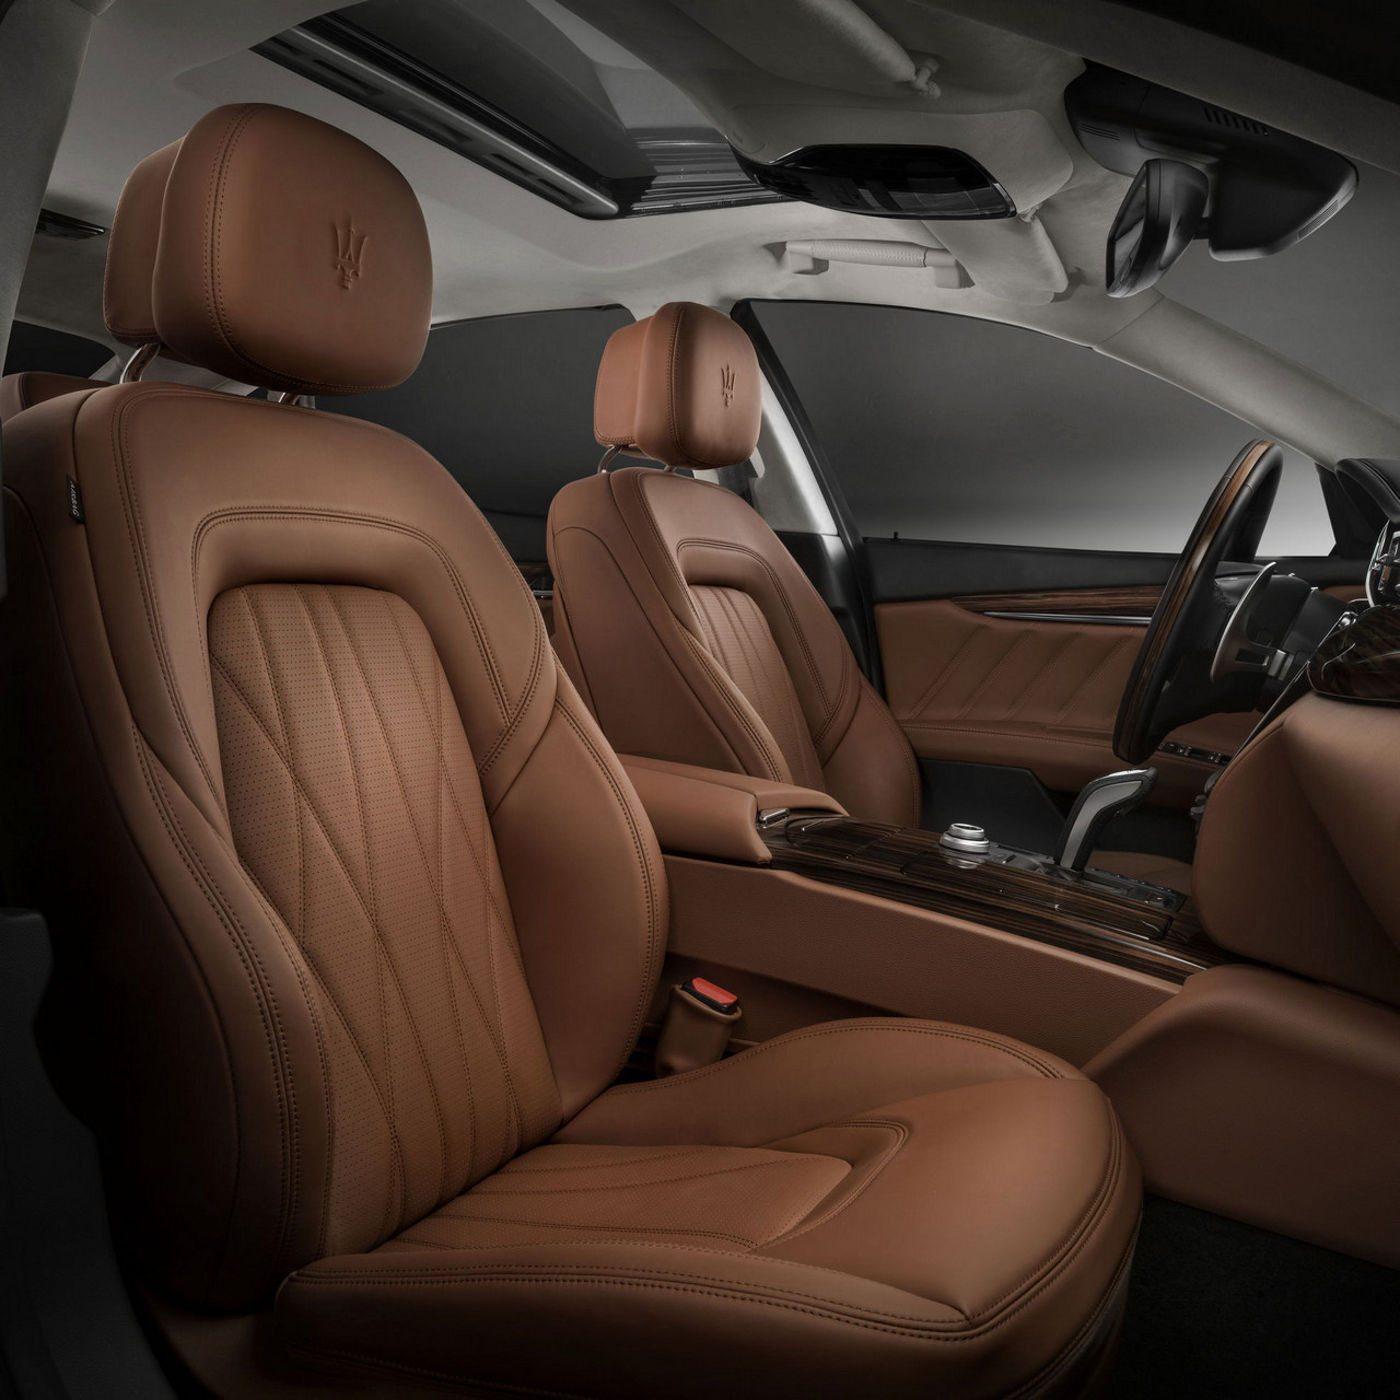 Quattroporte GranLusso Maserati - luxurious interior design